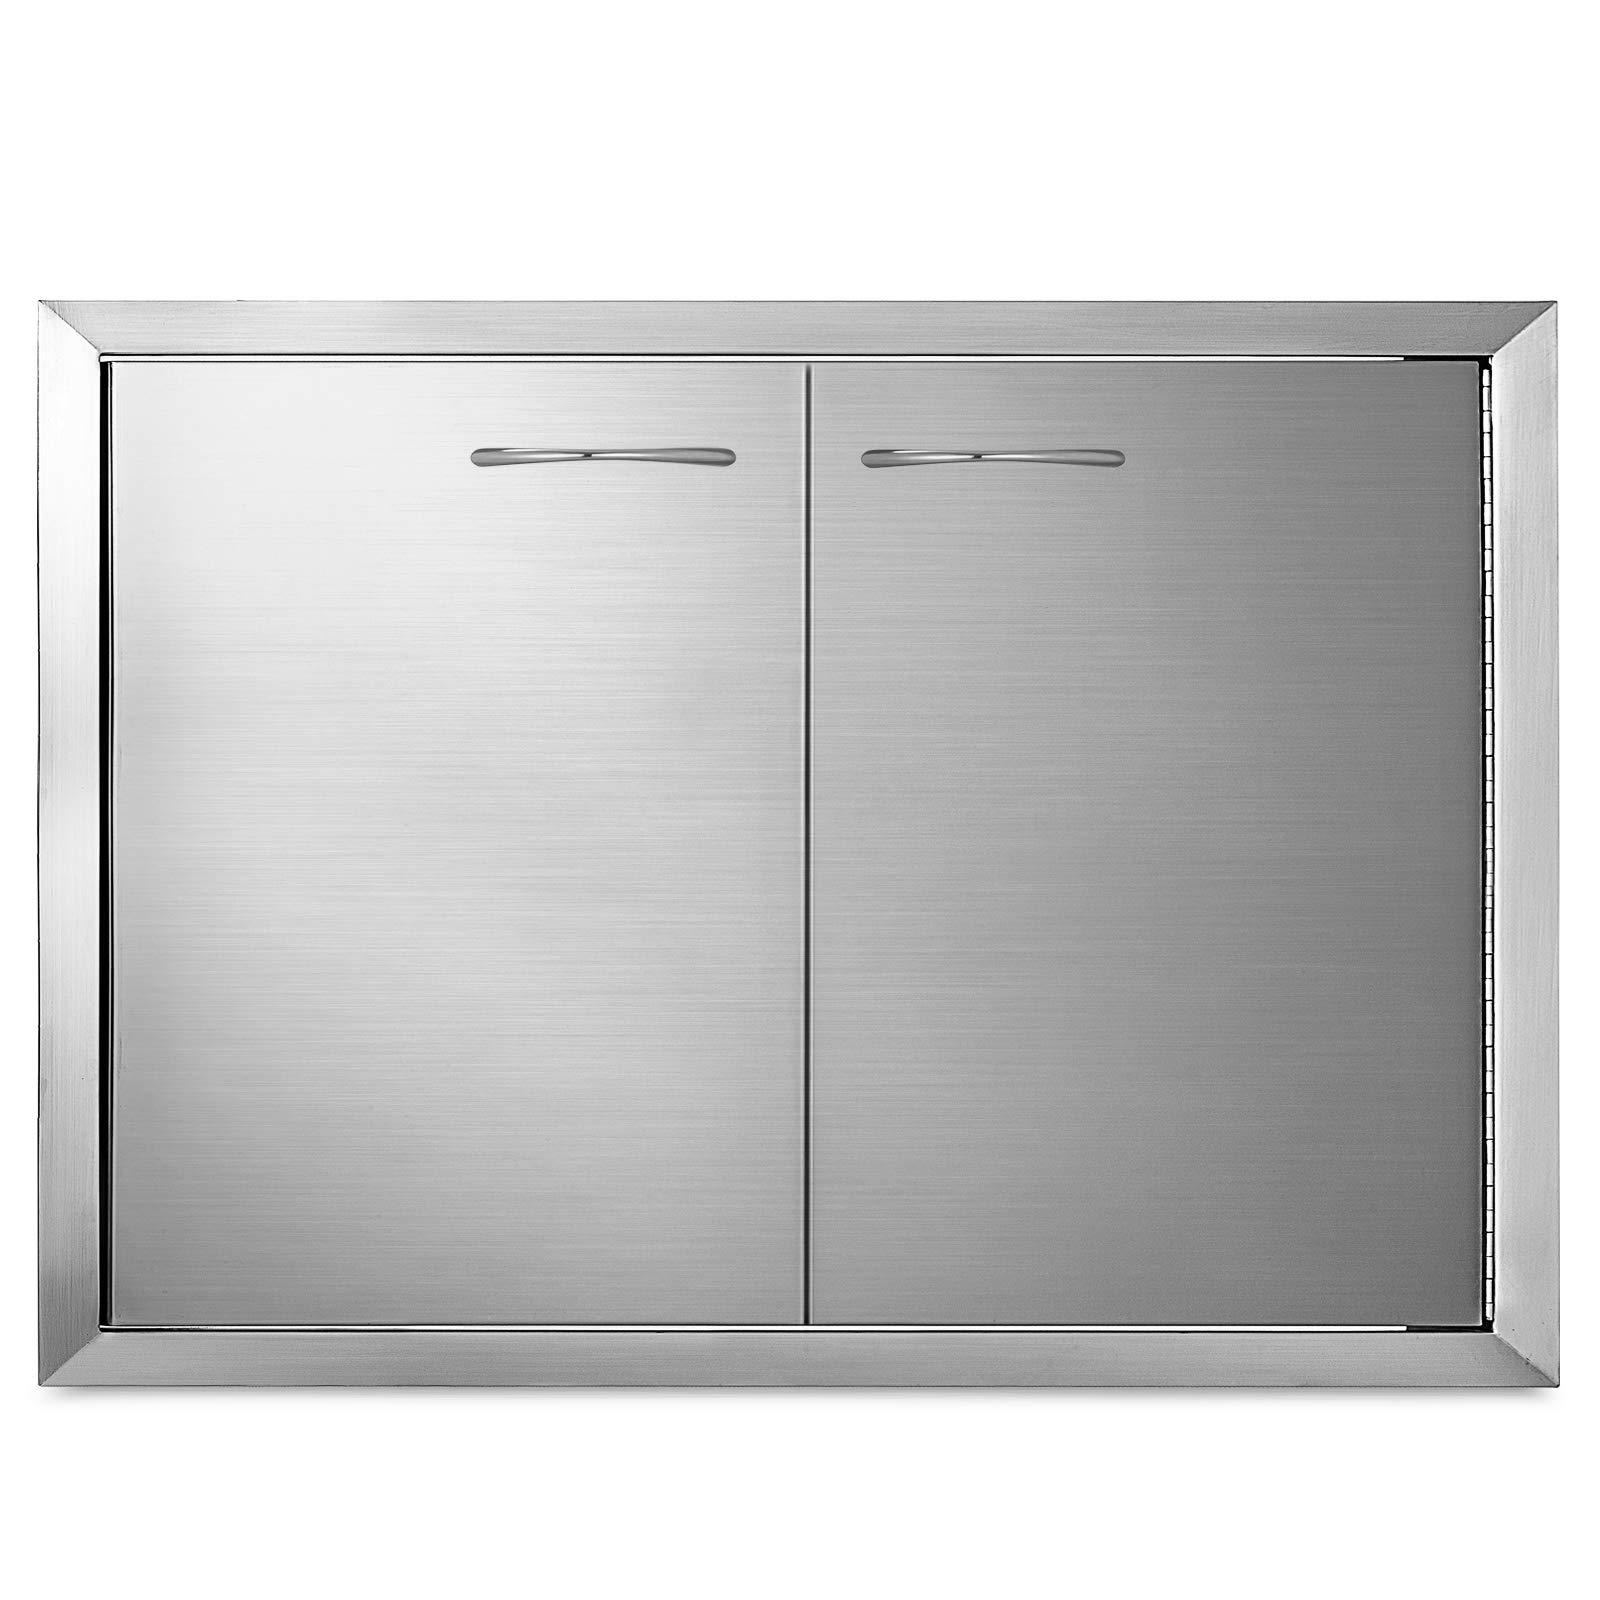 Mophorn BBQ Access Door 33 x22 Inch Stainless Steel BBQ Double Door ...